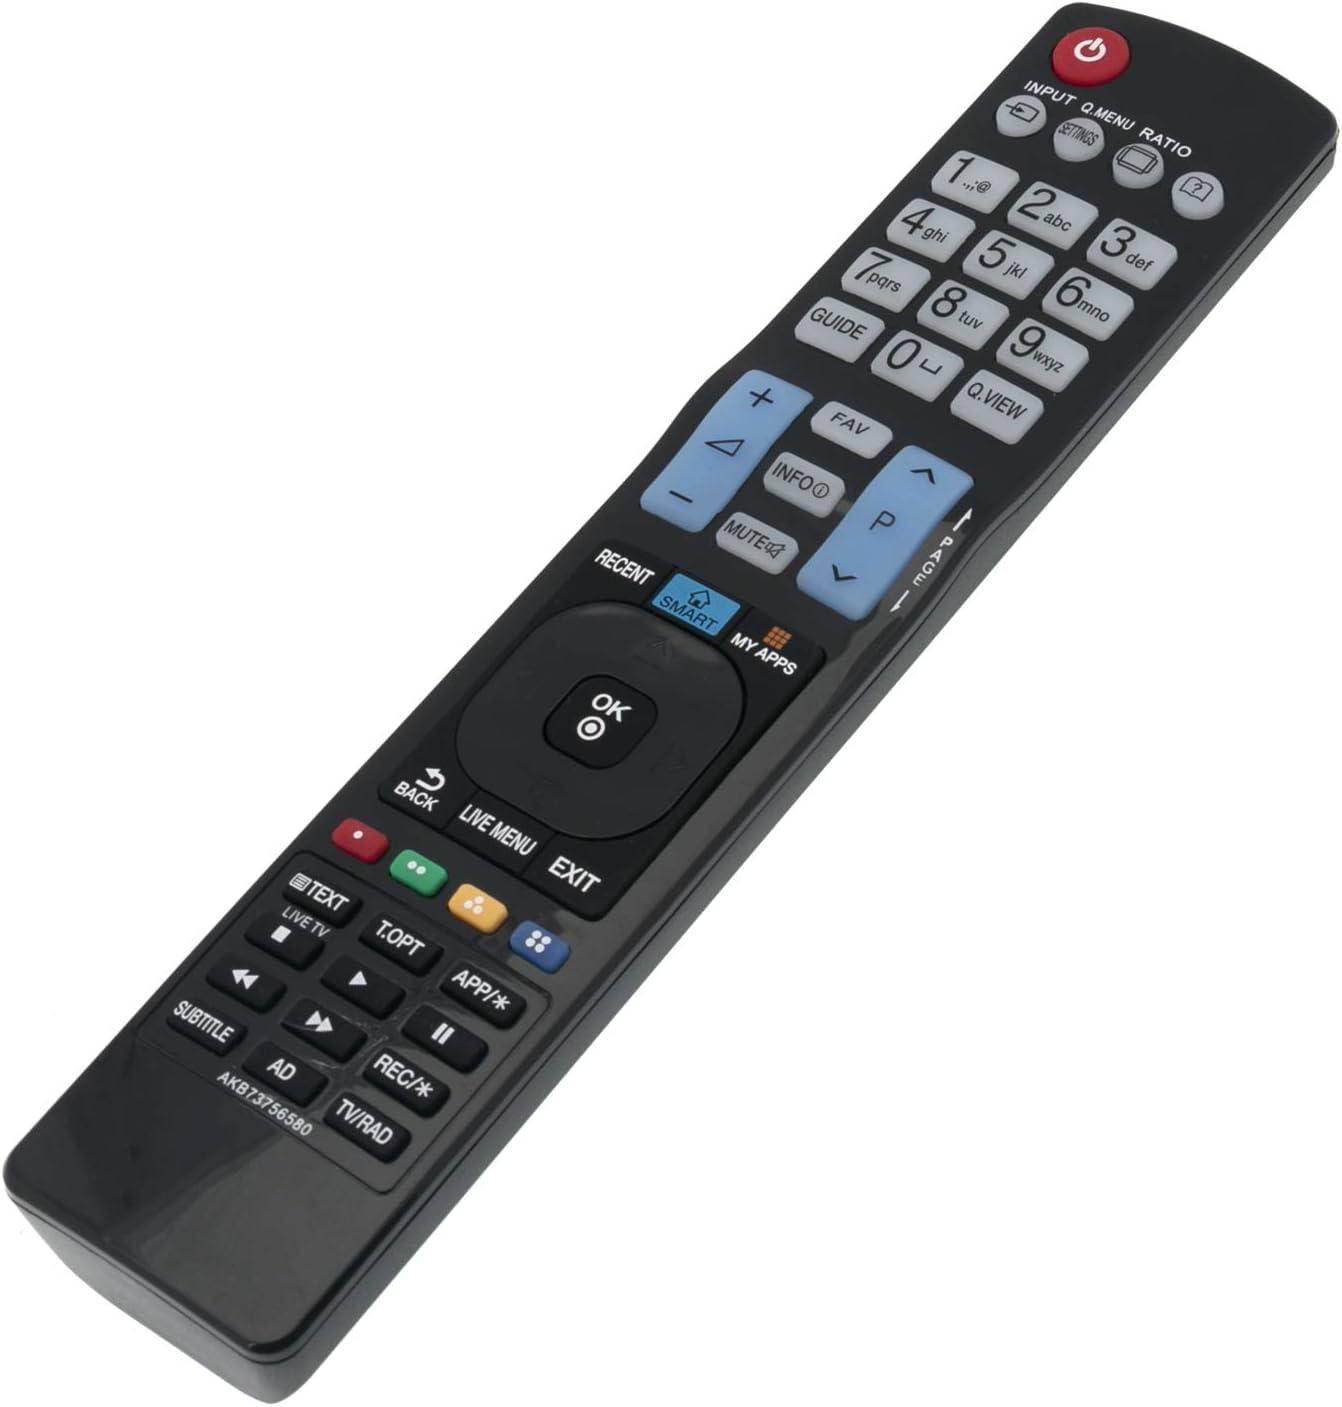 ALLIMITY AKB73756580 Control Remoto Reemplazar por LG TV 32LF6309 32LF630V 40LF6329 42LB630V 49LF6309 49LF630V 55LB630V 32LF6319 49LF6319 40LF6309 43LF6309 49LF6329 55LF6309 40LF6319 43LF6319: Amazon.es: Electrónica